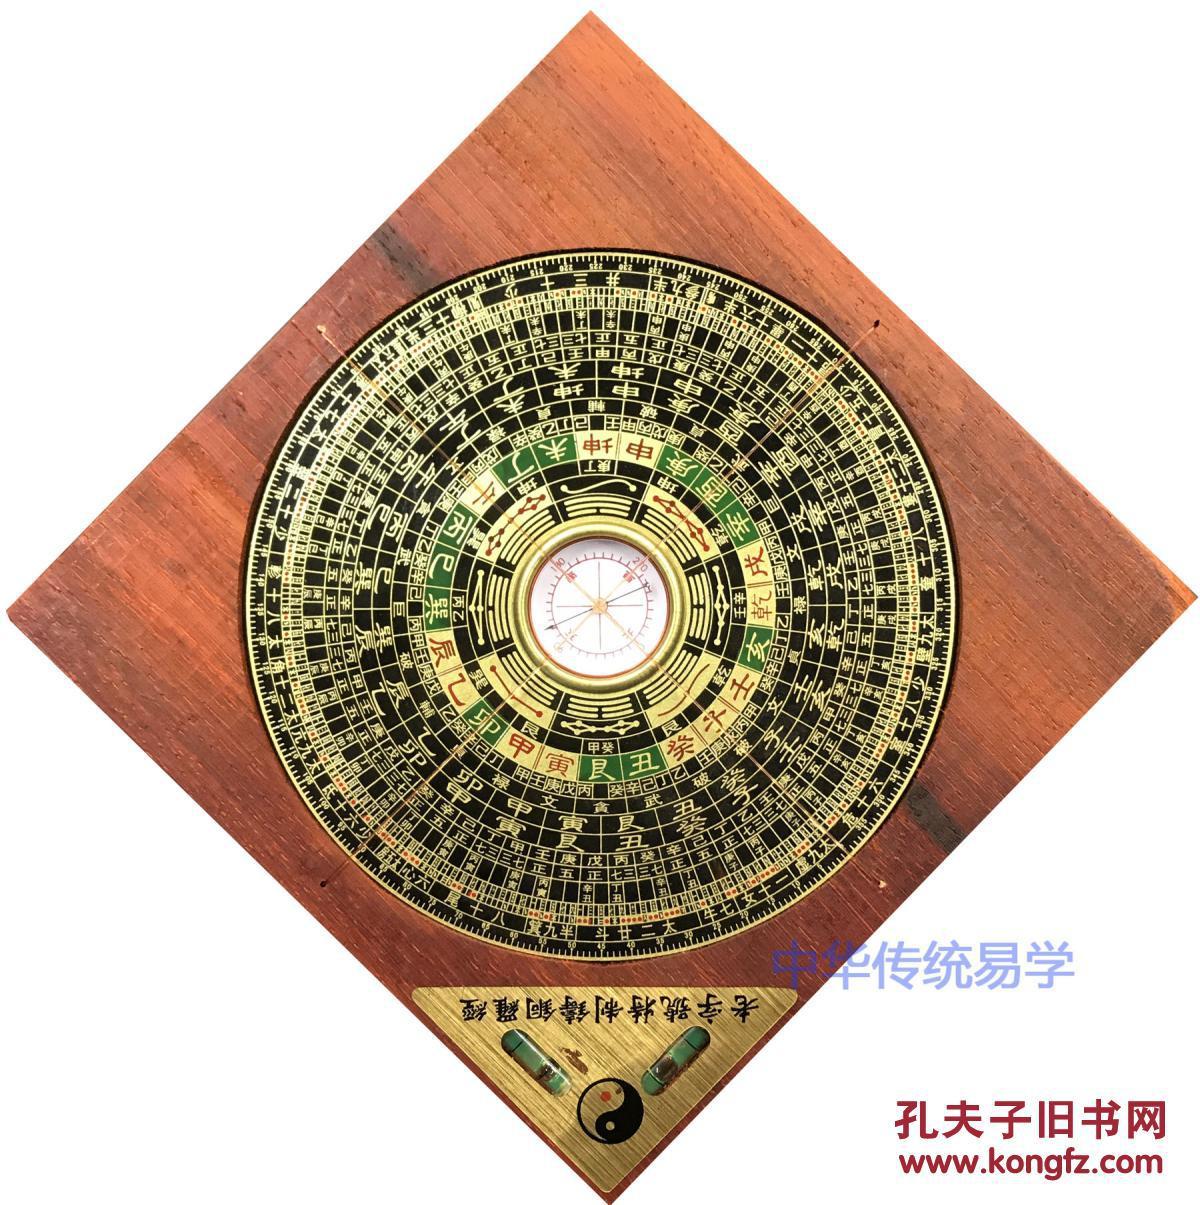 包邮5寸红木罗盘三合风水罗盘15层 纯铜雕刻实木精准风水罗经 送如何看罗盘